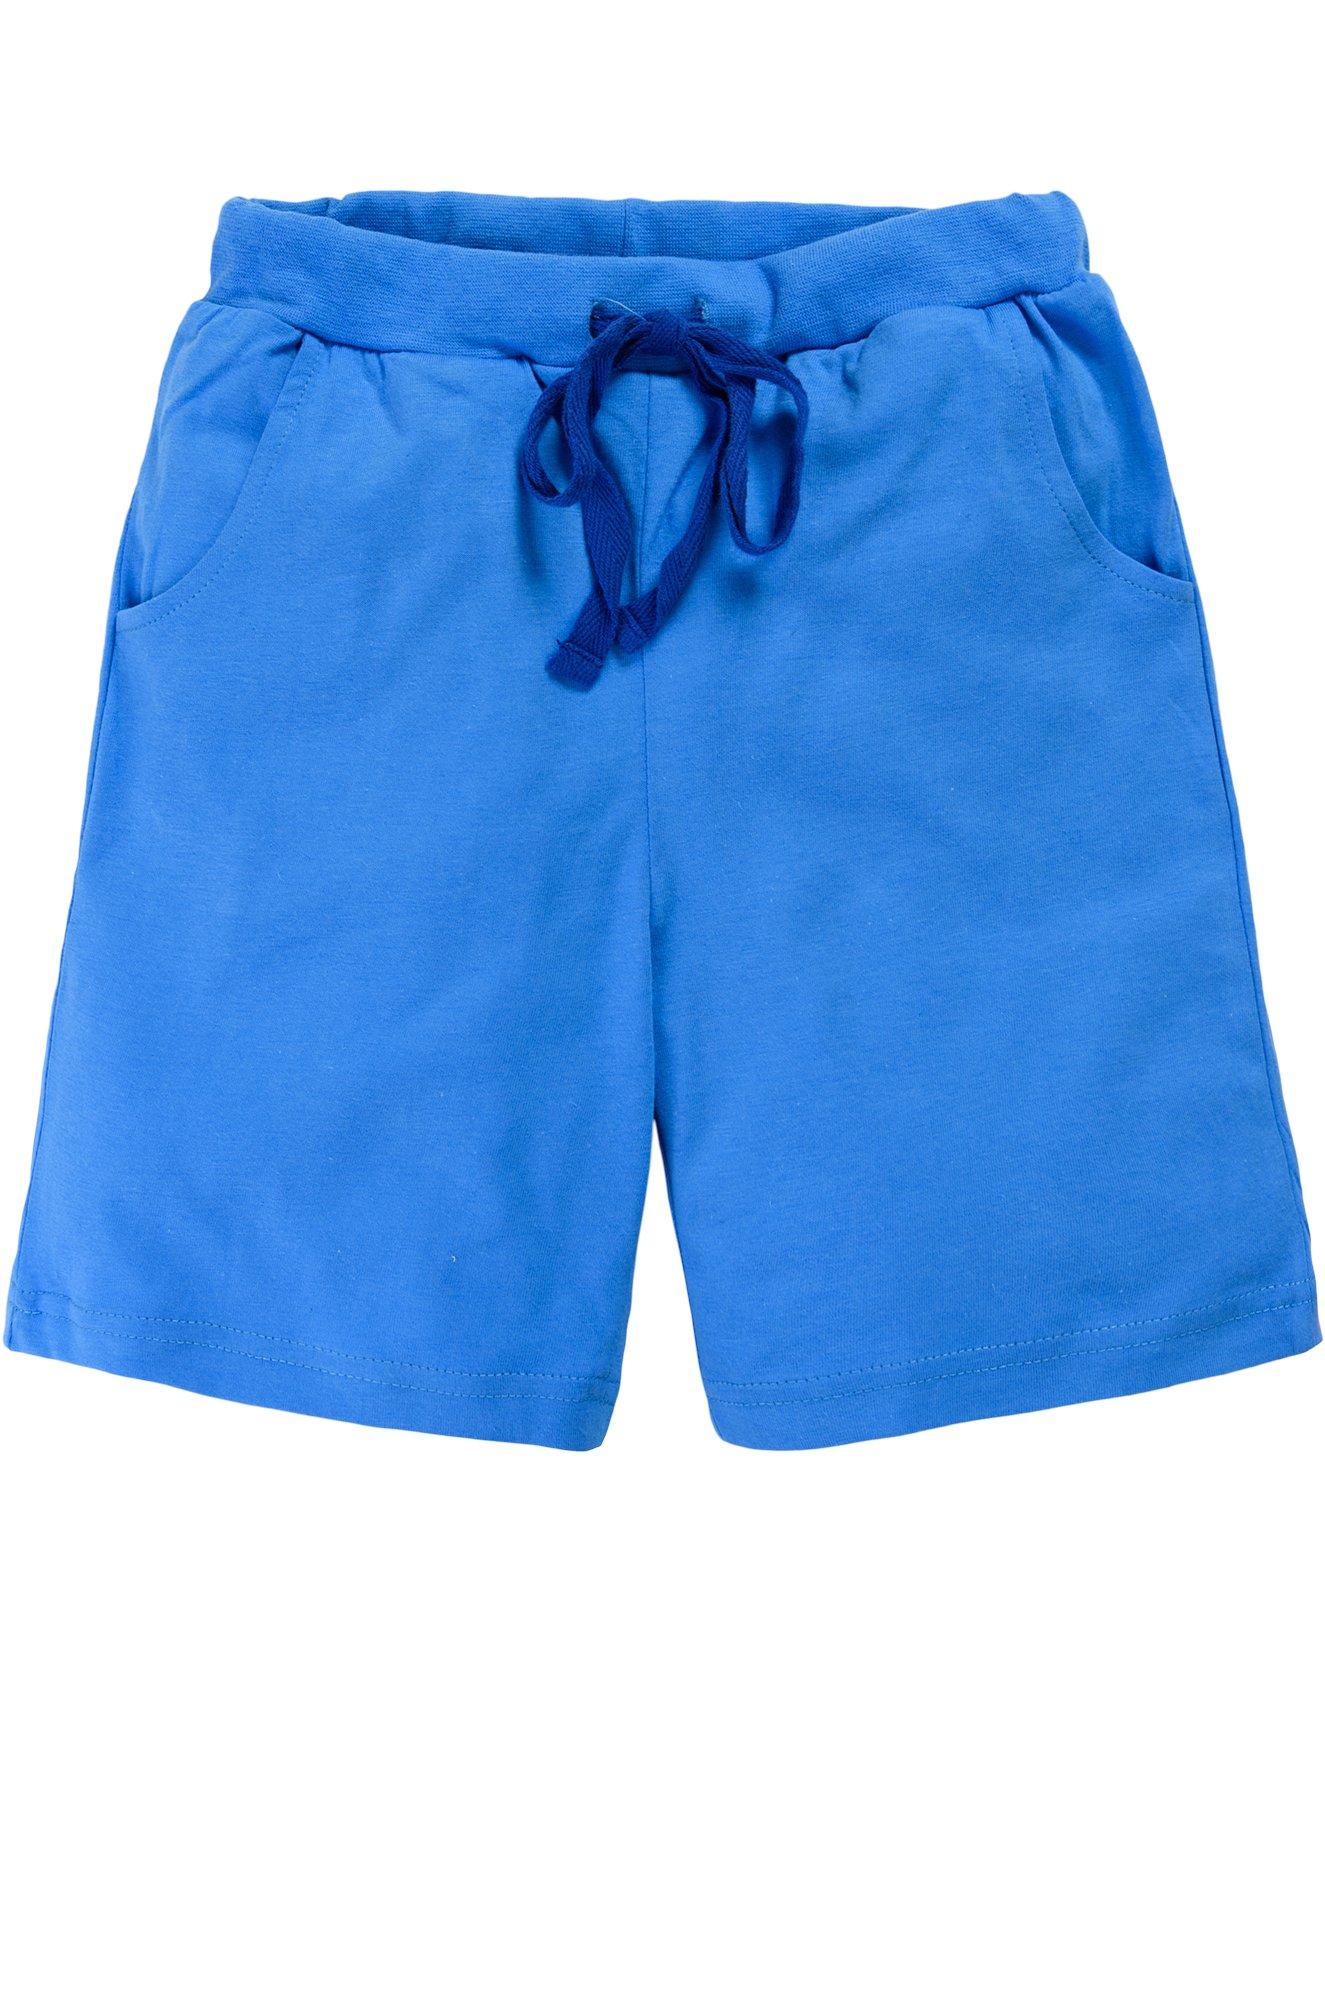 Купить Шорты Пляжные Для Мальчика